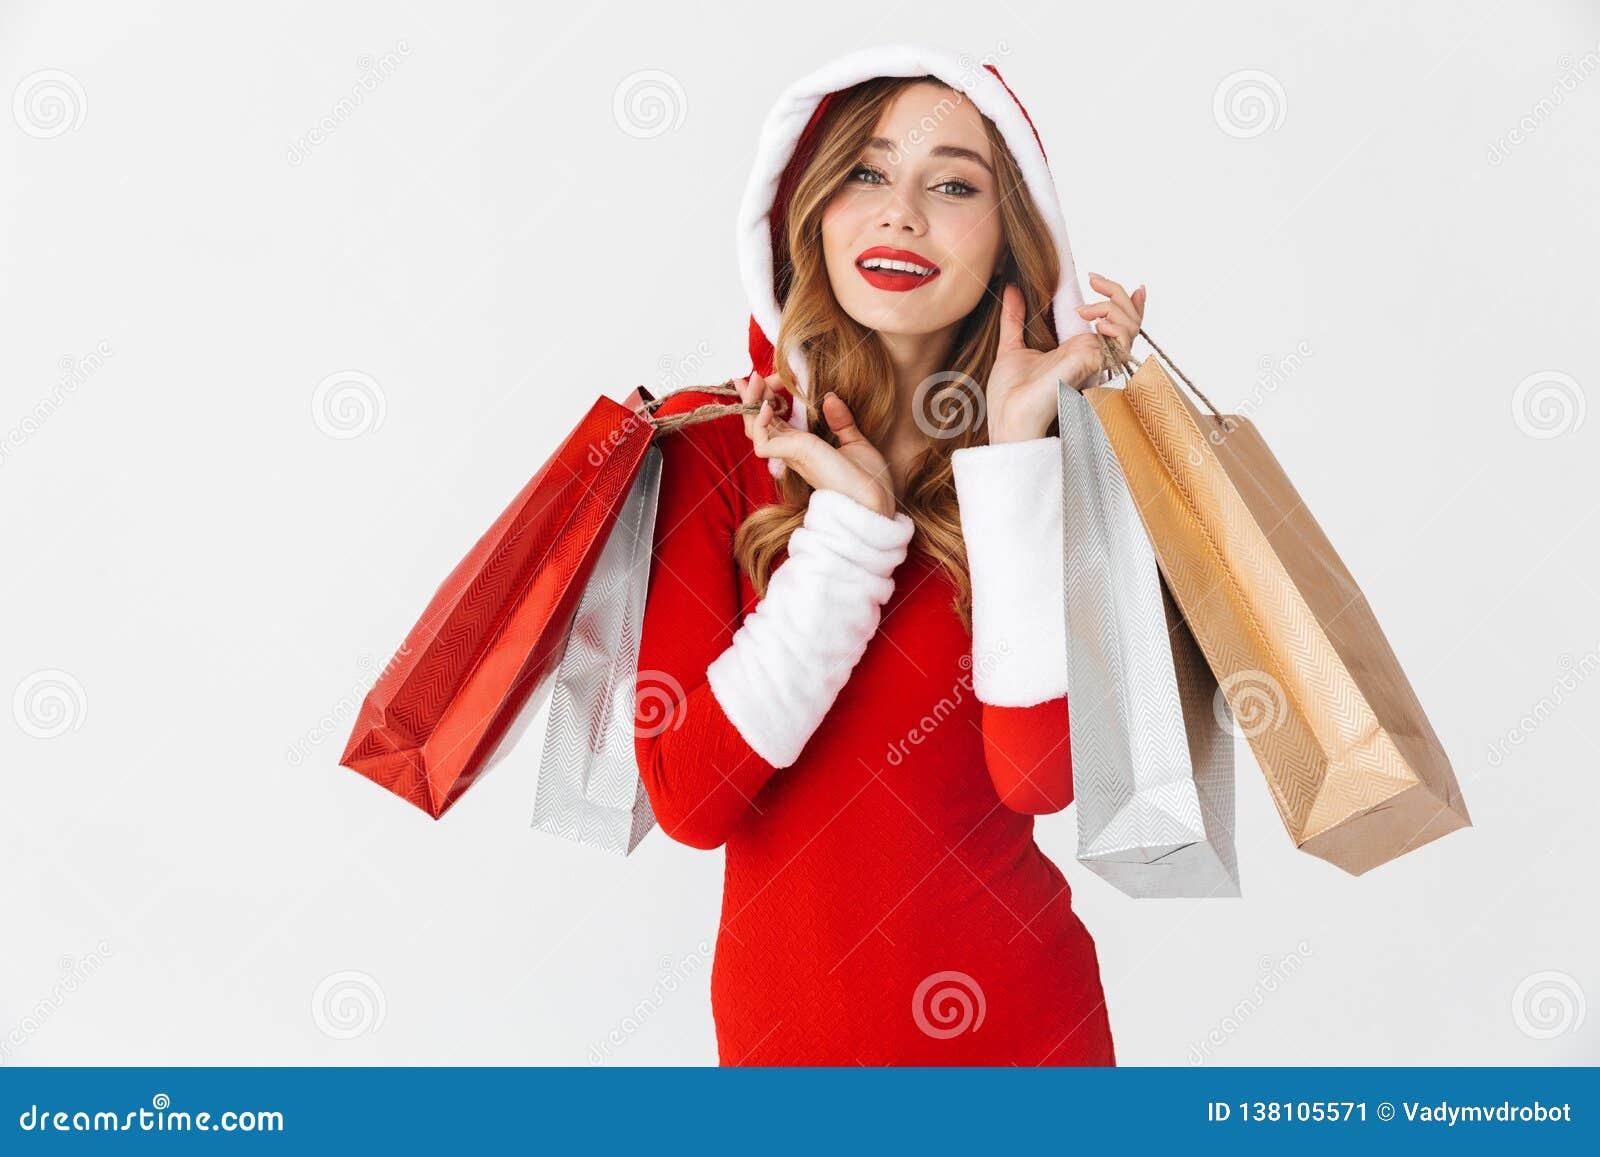 Portrait de la femme gaie 20s utilisant le costume rouge de Santa Claus souriant et tenant les sacs à provisions de papier coloré